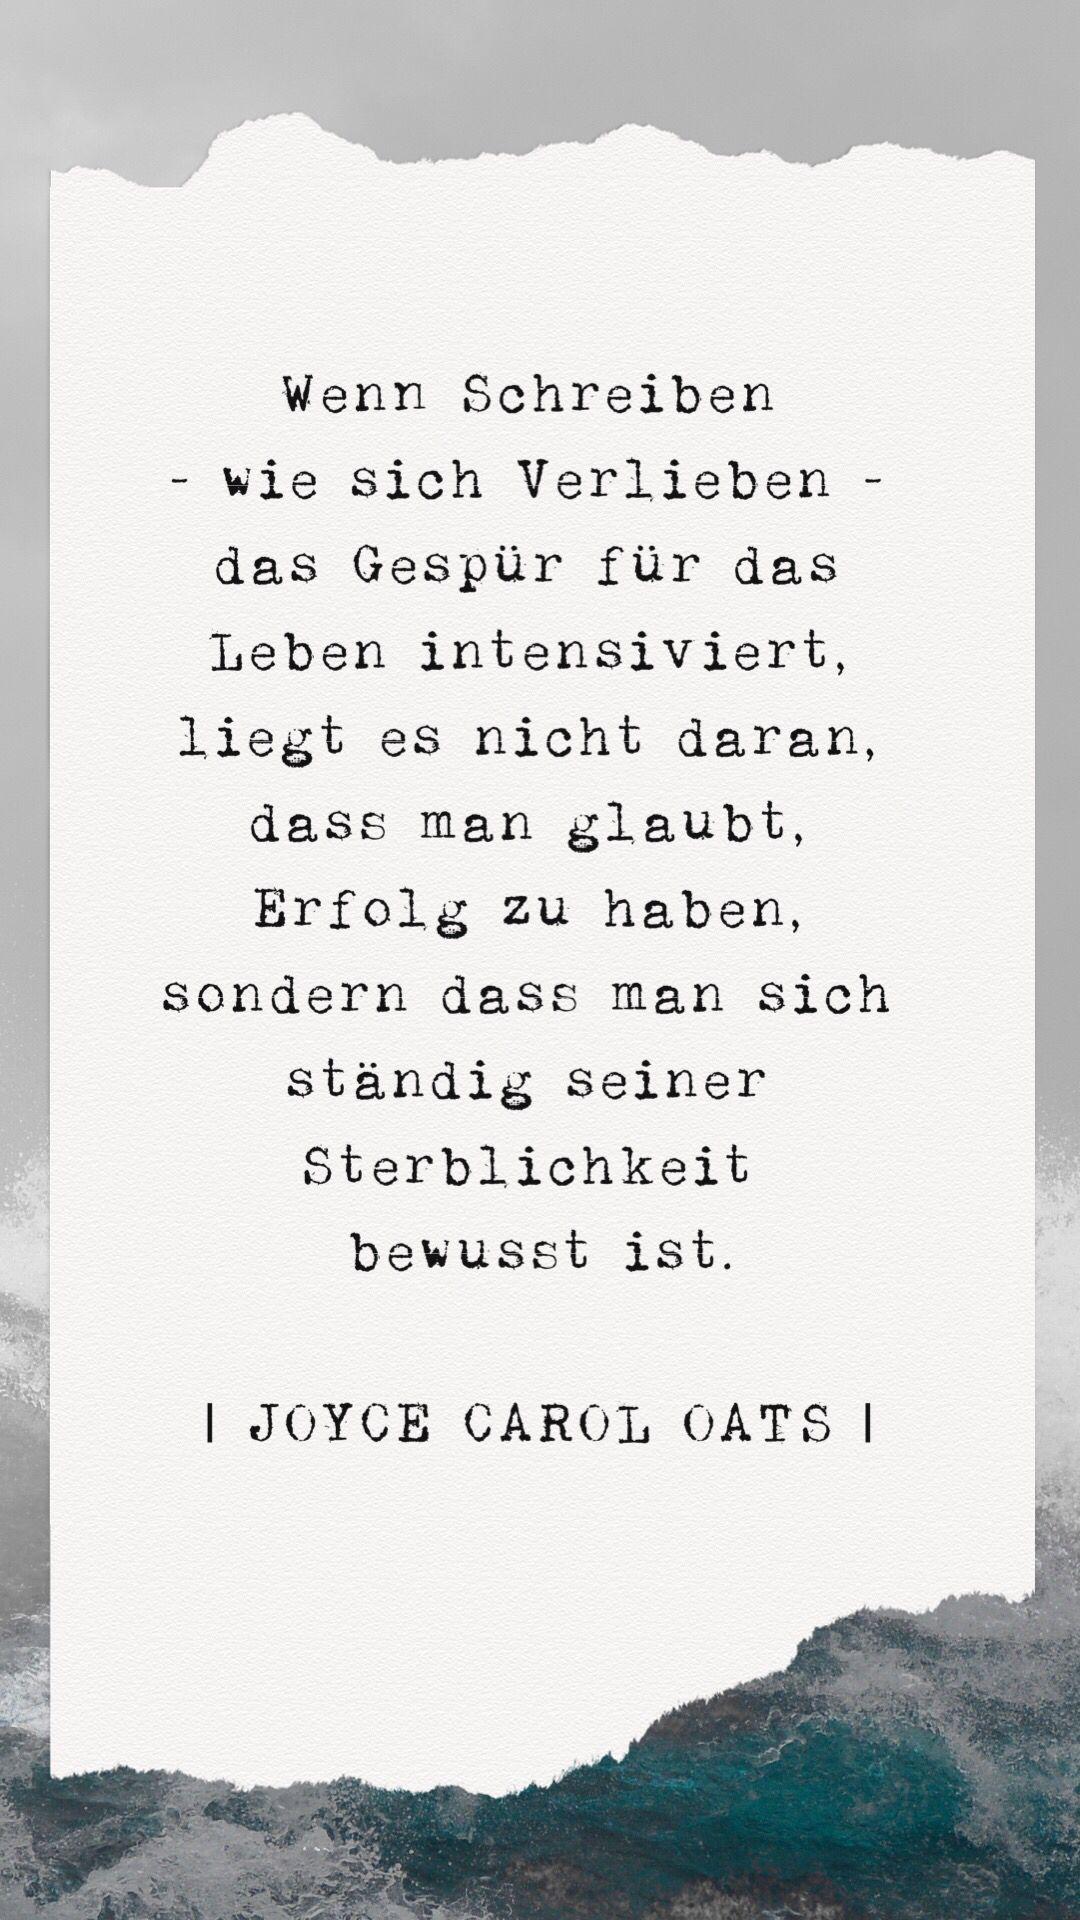 Ein Schönes Zitat Zum Thema Schreiben Von Joyce Carol Oats